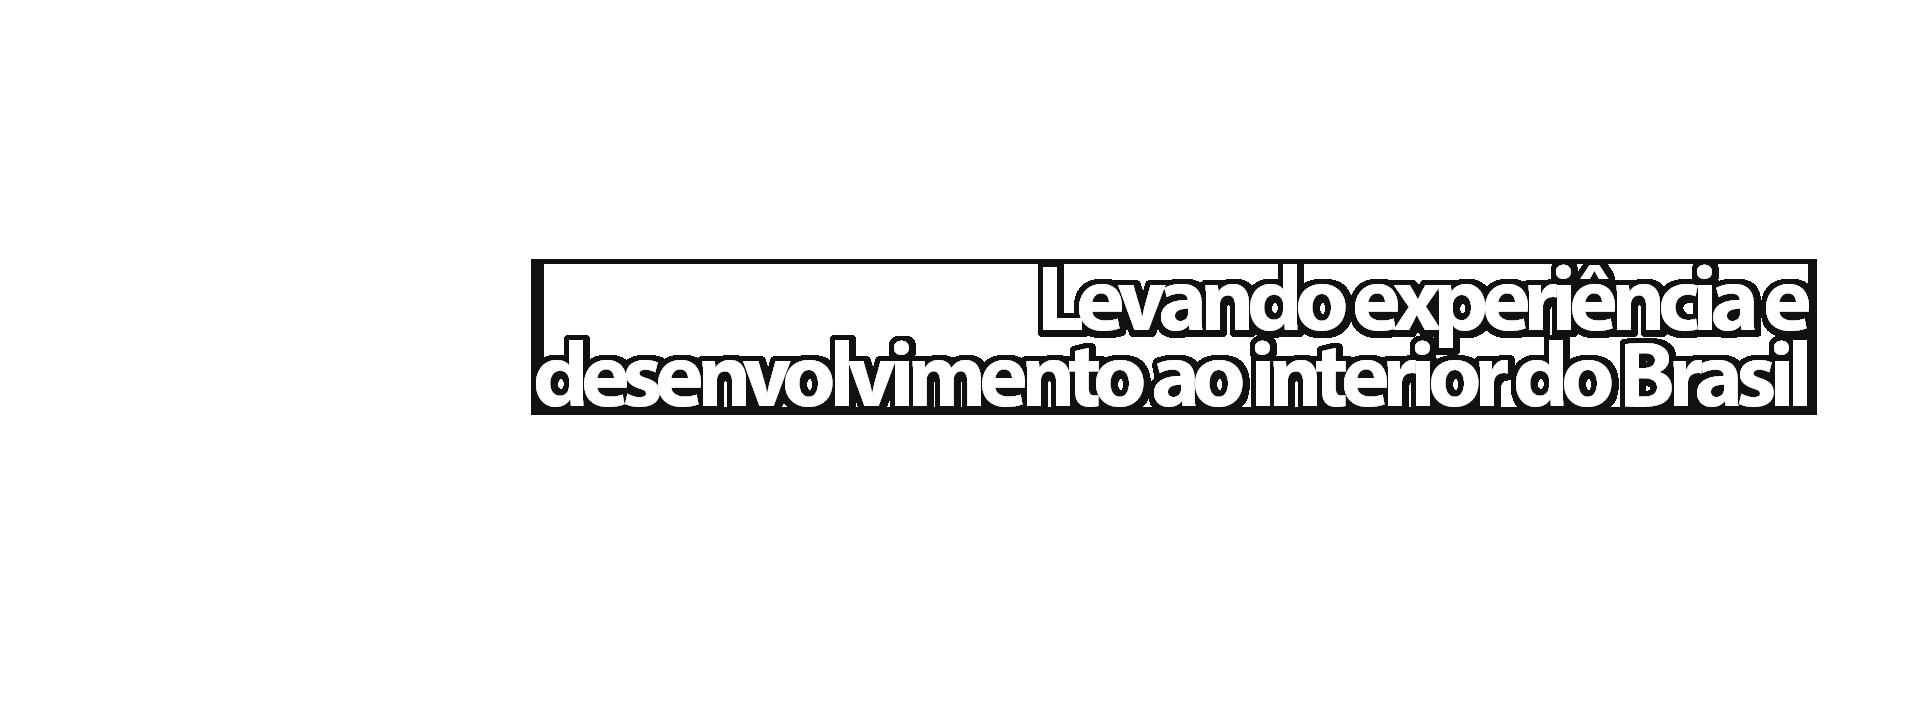 Levando-experiência-e-desenvolvimento-ao-interior-do-Brasil